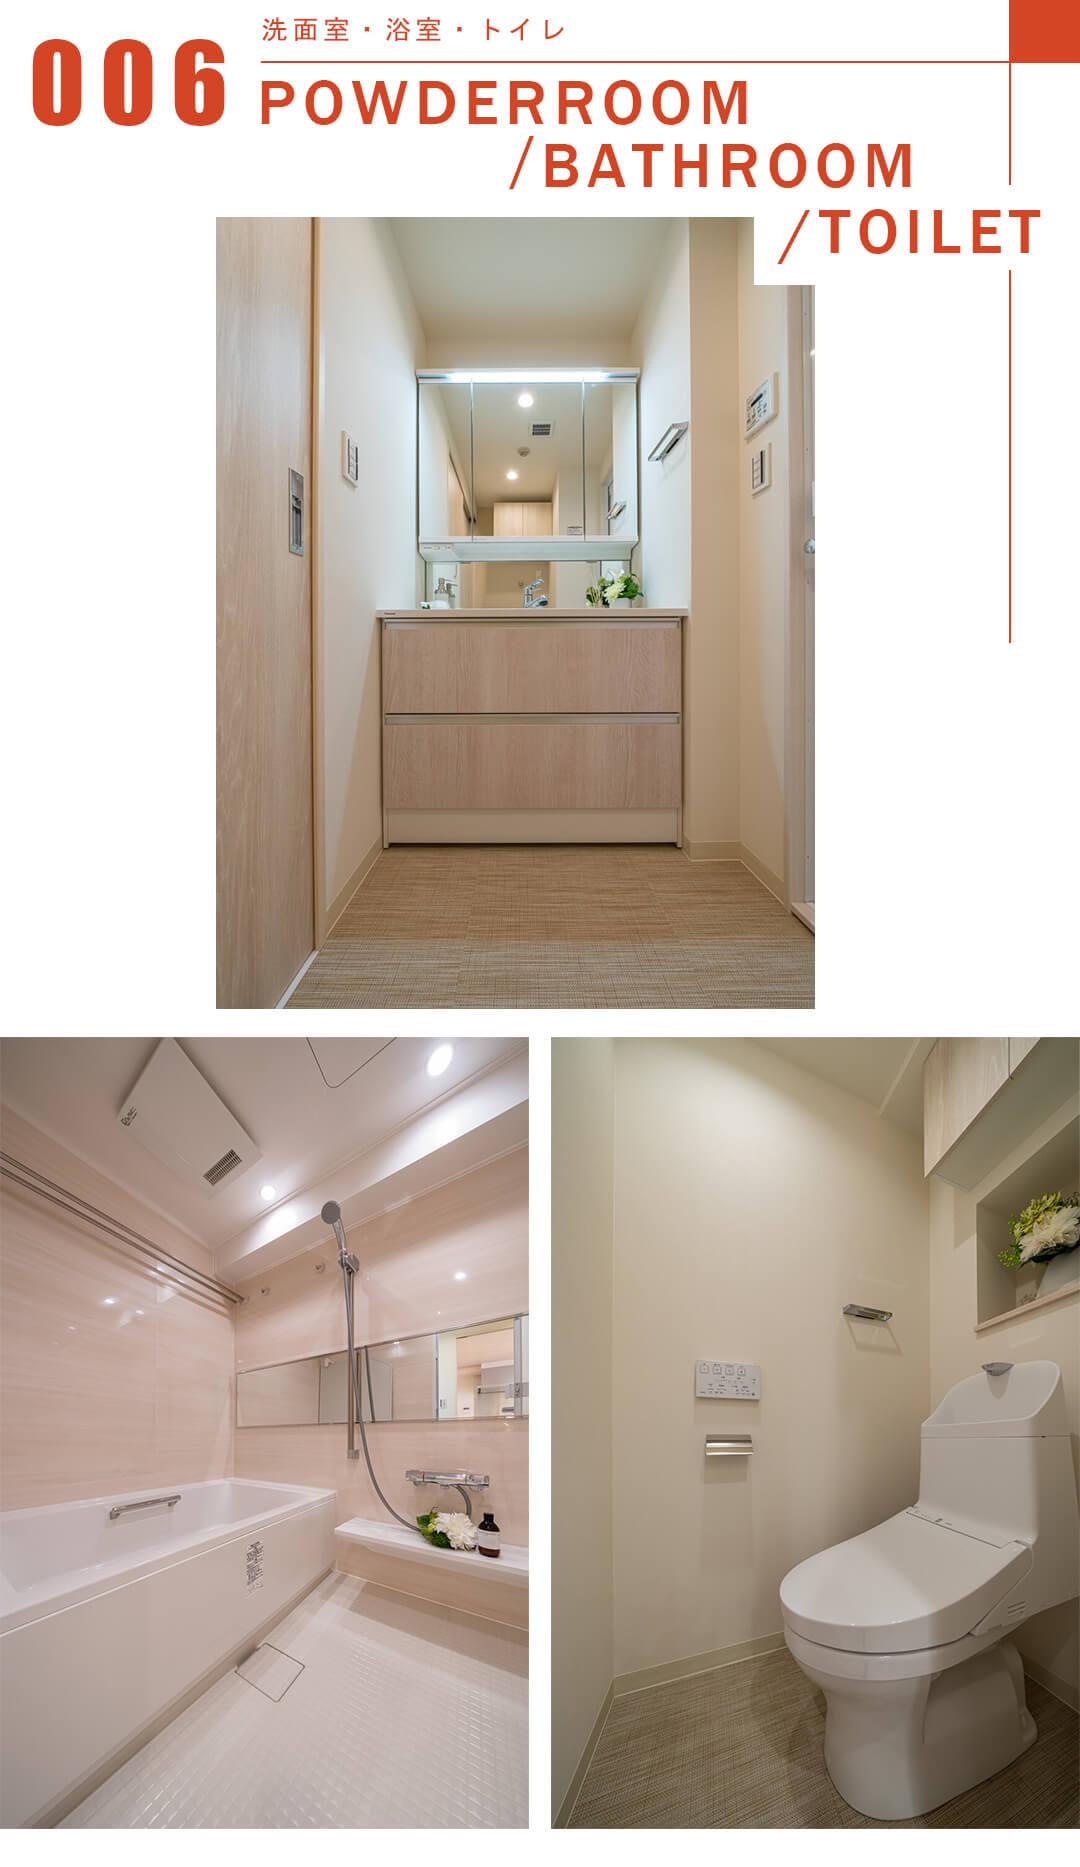 モナークサンシティ練馬の洗面室と浴室とトイレ